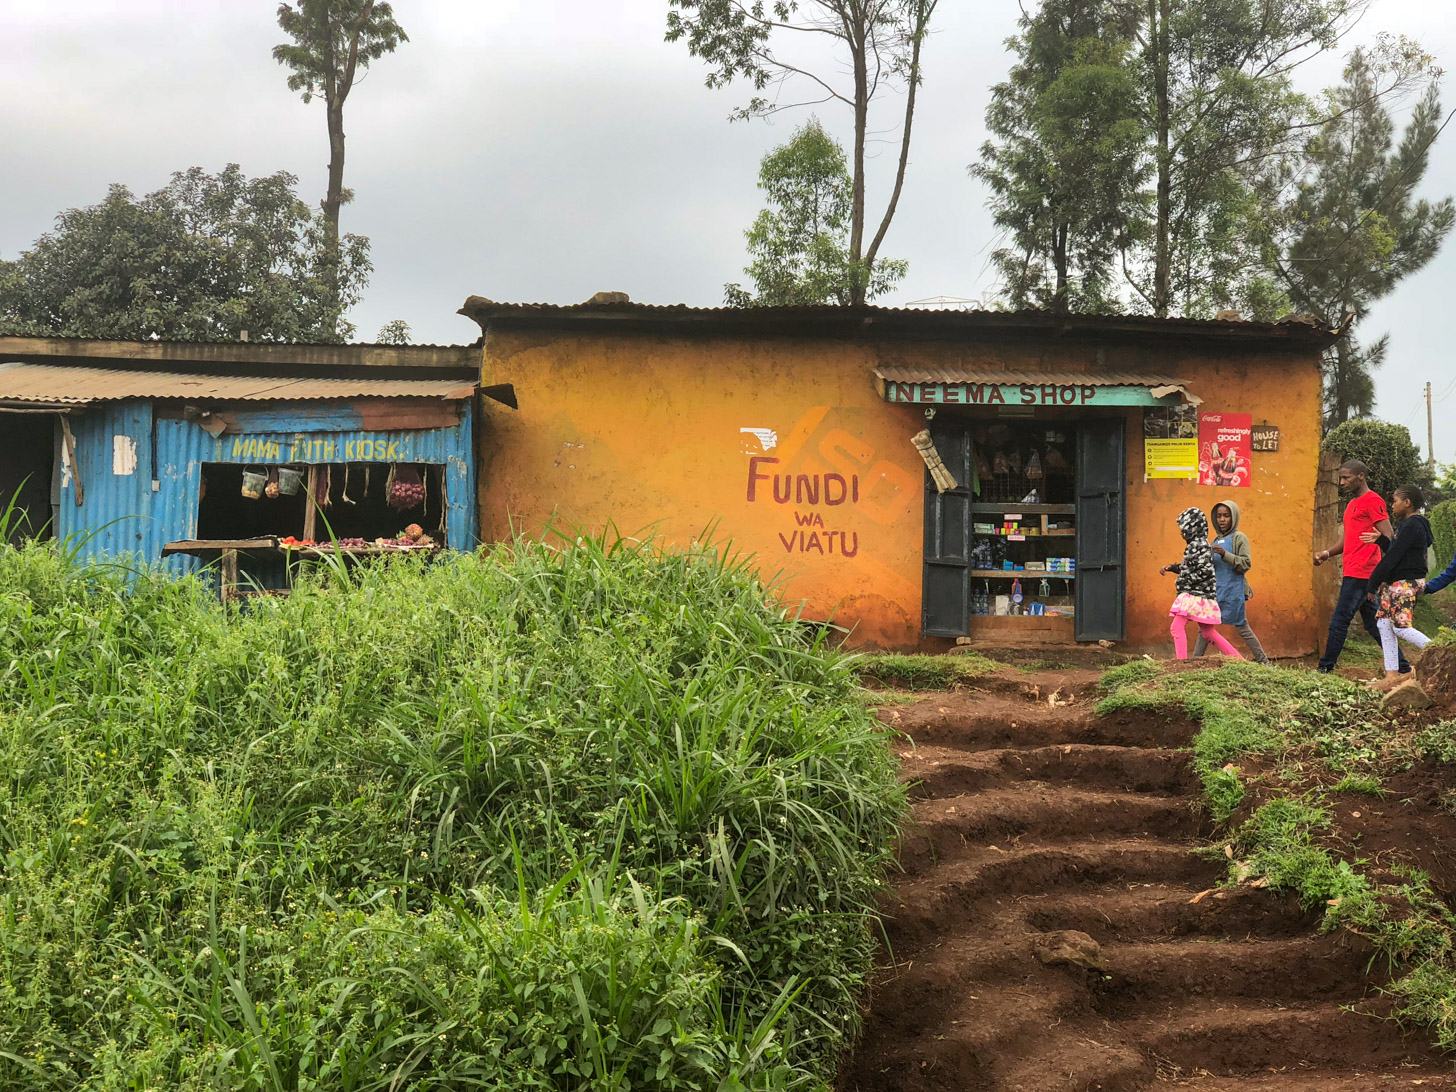 Een winkel langs de weg in Kenia